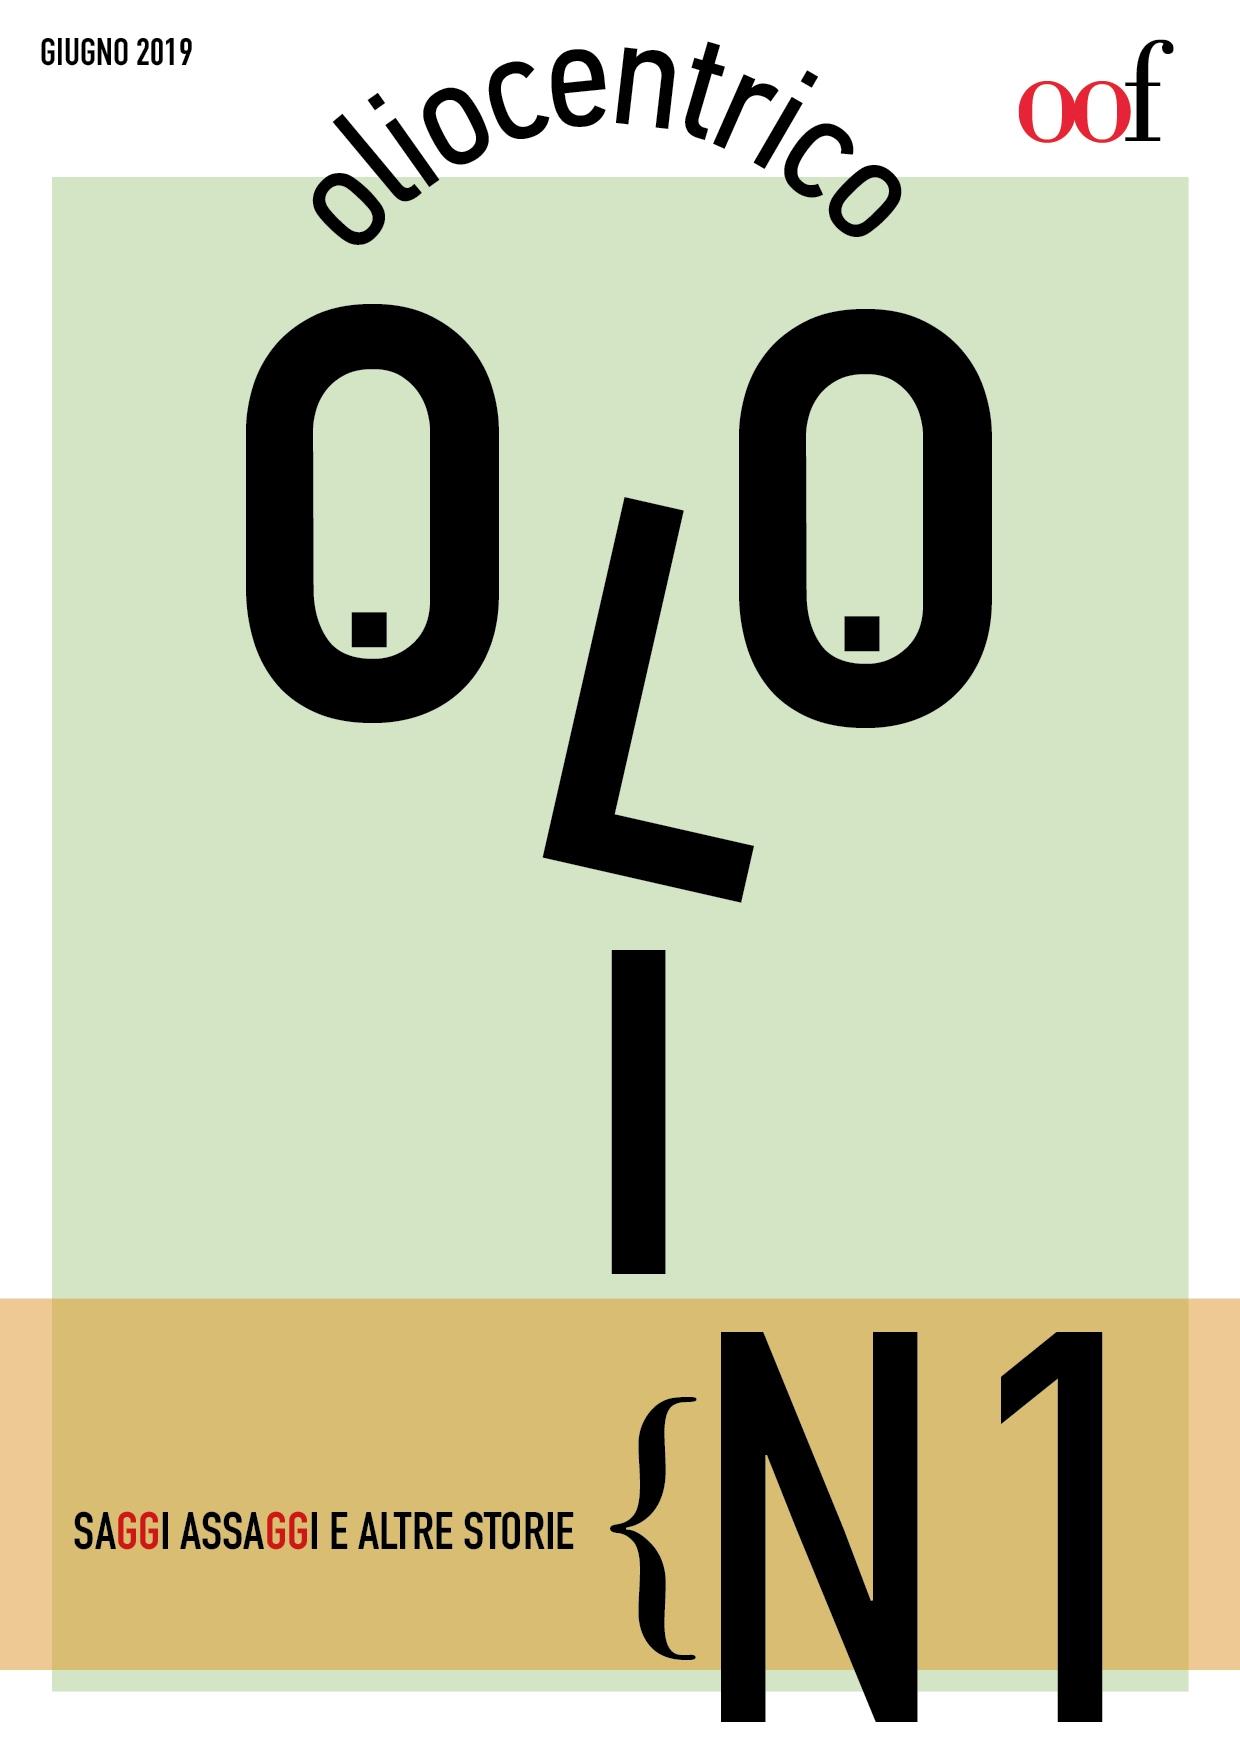 Come poter leggere il numero 1 della rivista Oliocentrico